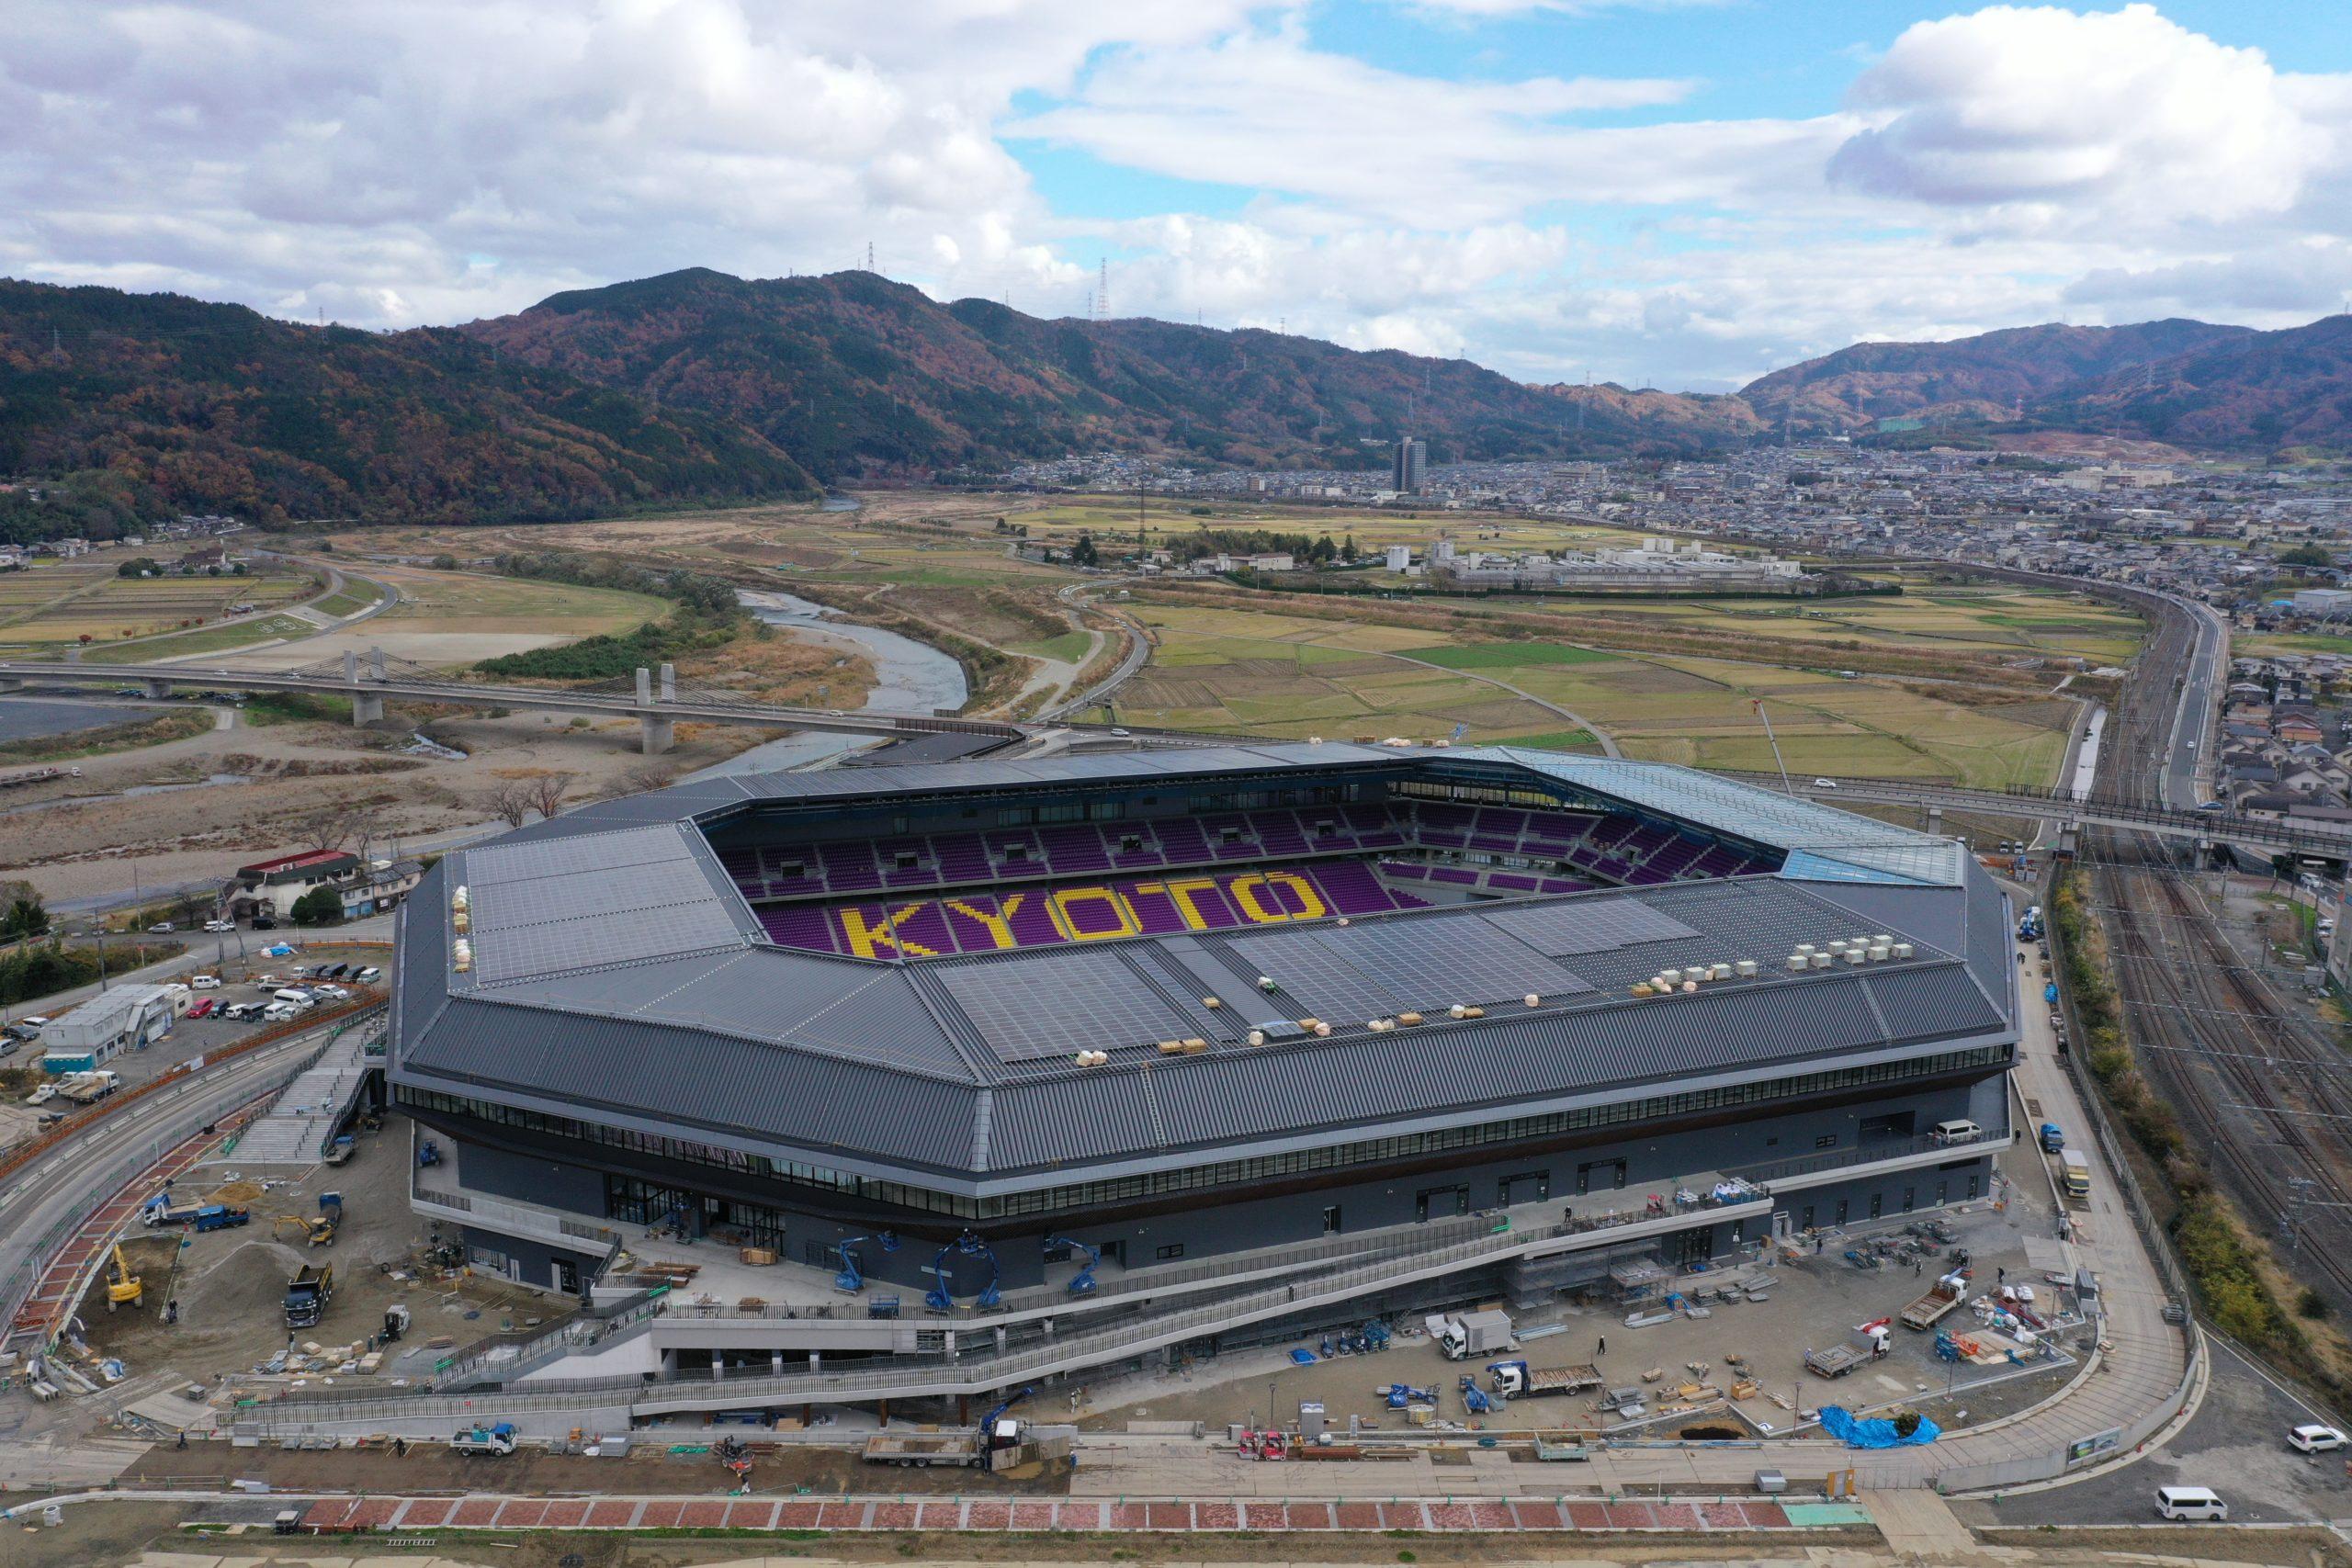 京都 スタジアム 亀岡